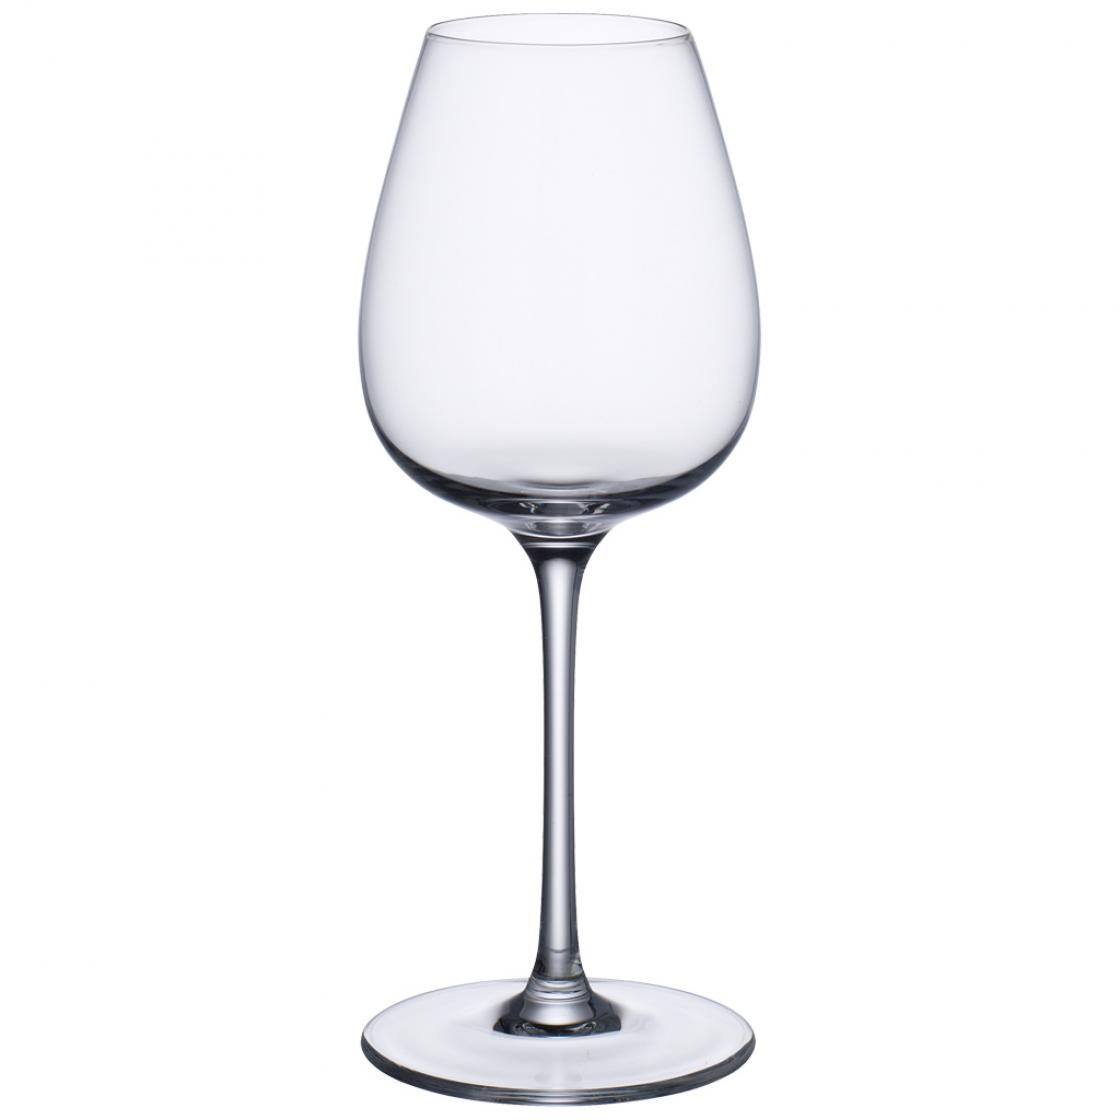 Villeroy & Boch Purismo Witte wijnglas 218mm